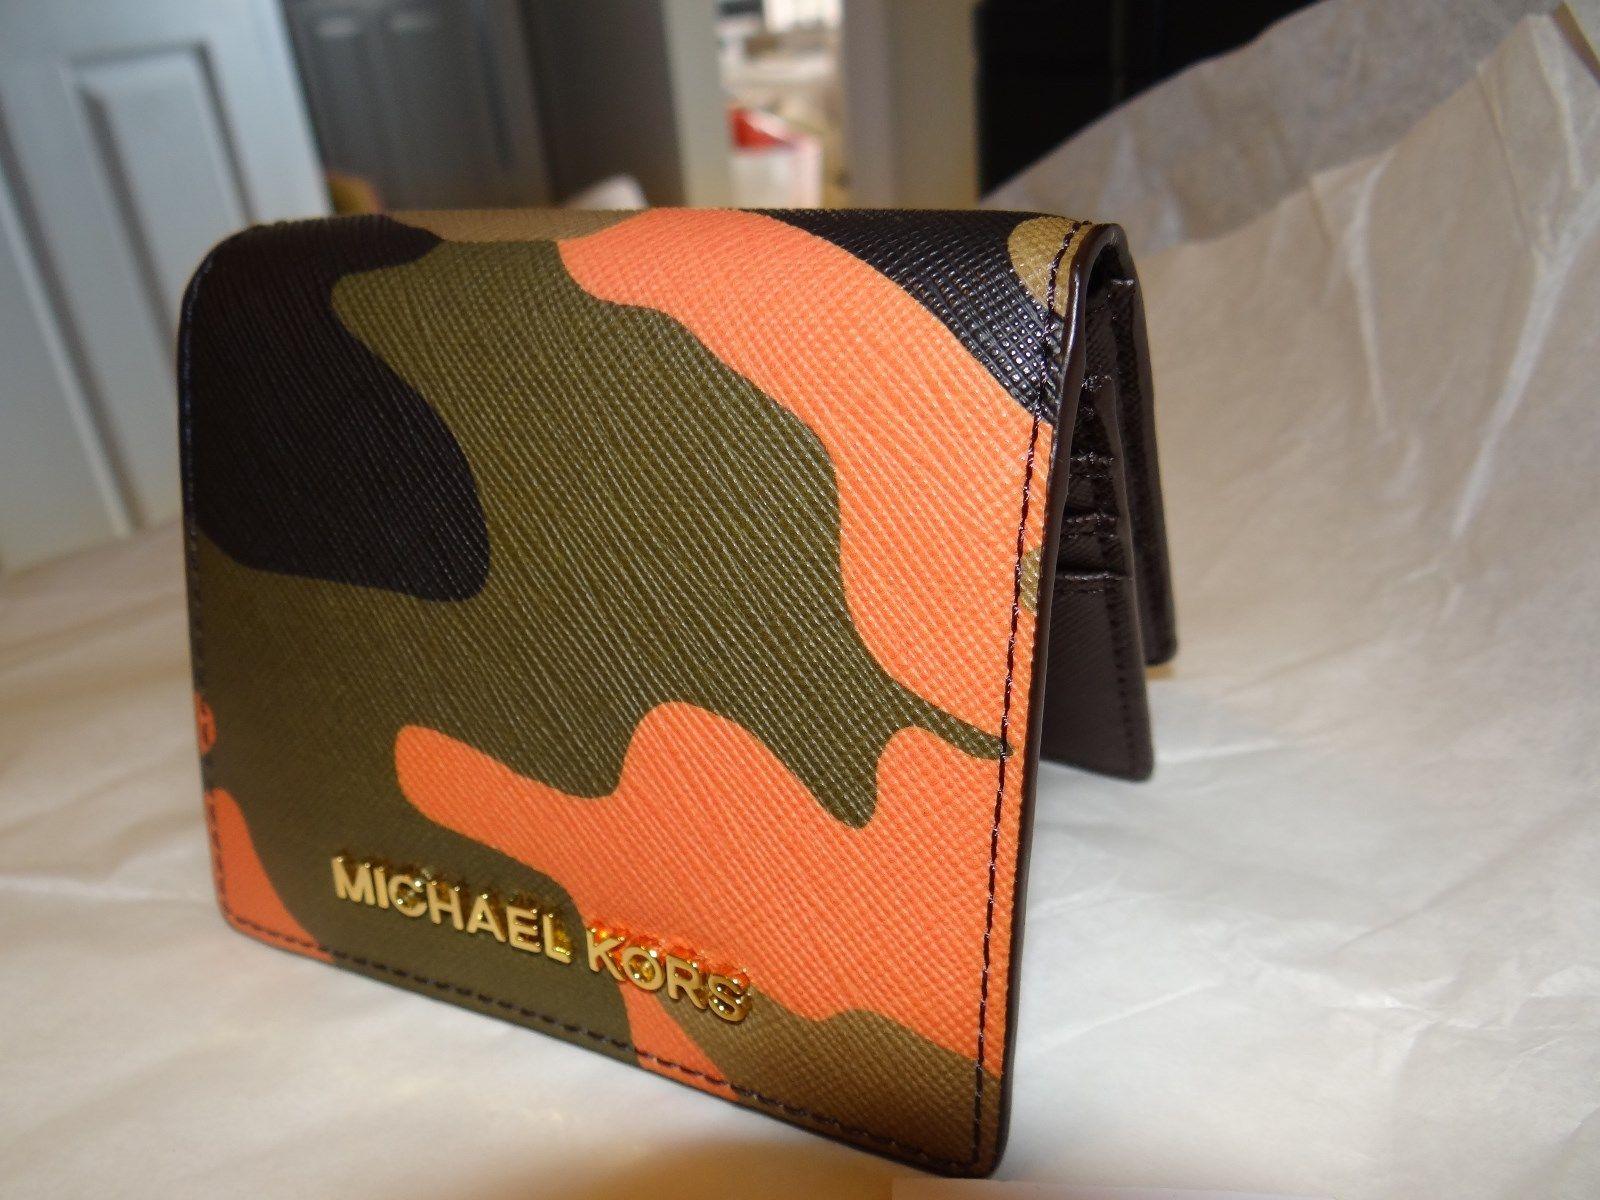 Michael Kors оригинальный новый кошелек - Одежда и галантерея - Все ... d4d512893d5